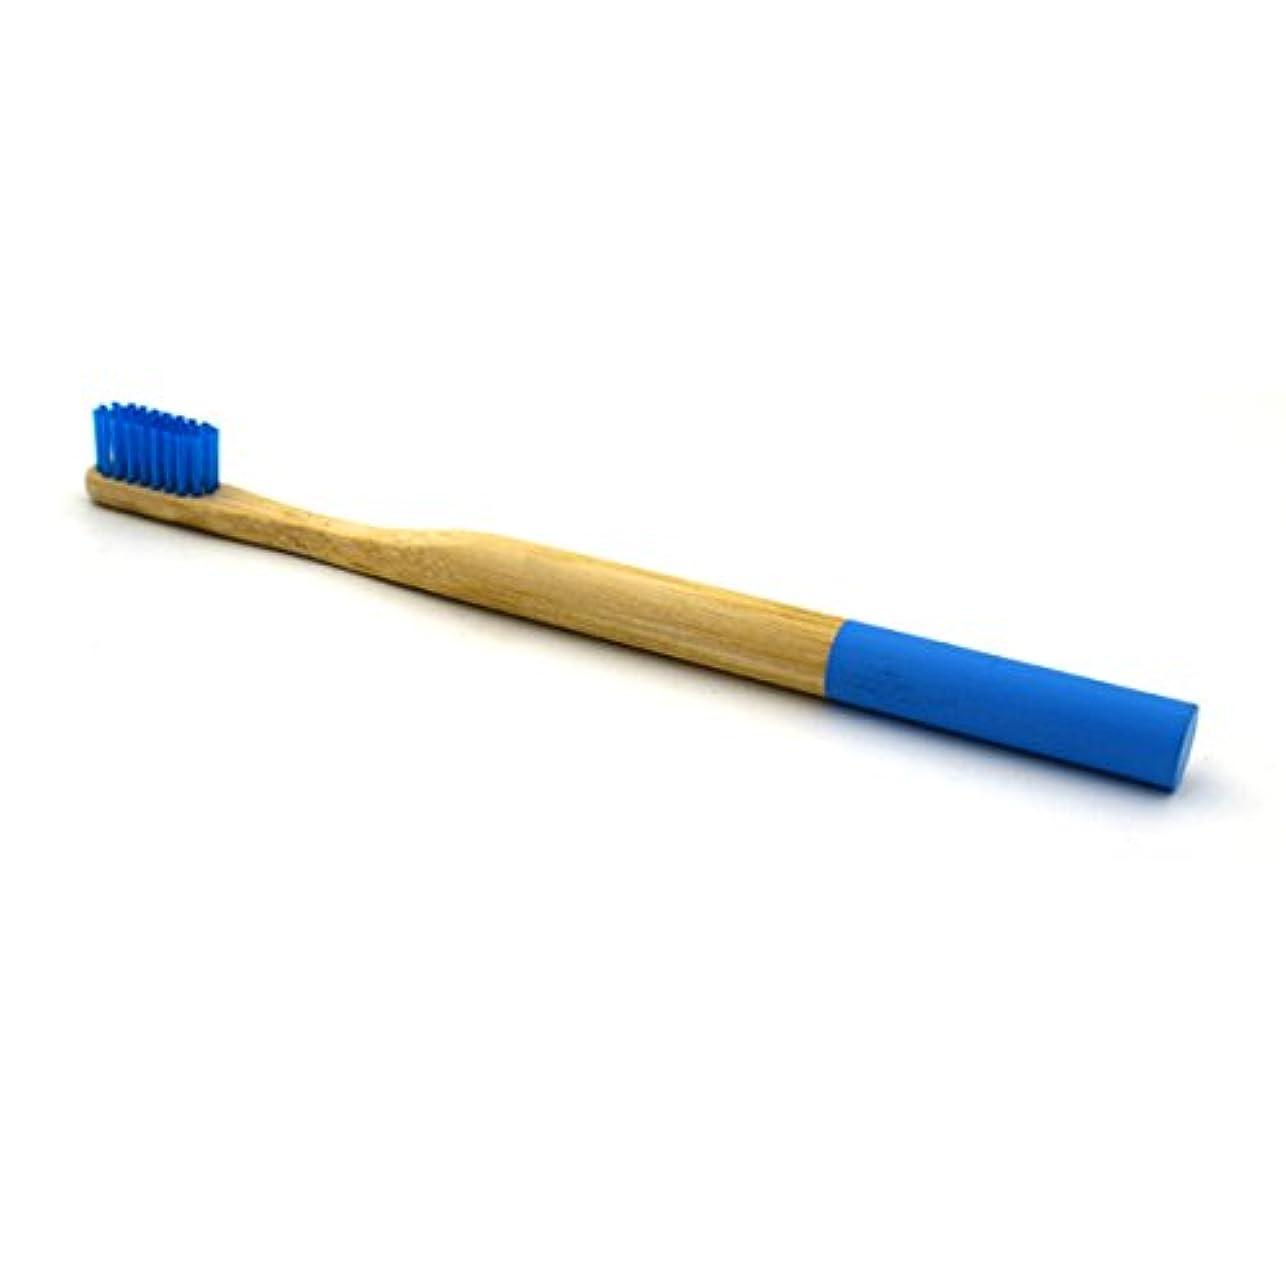 良心的ドラマ市場HEALLILY 円形のハンドルのEcoの友好的で柔らかい剛毛の歯ブラシが付いている2 PCS自然なタケ歯ブラシ